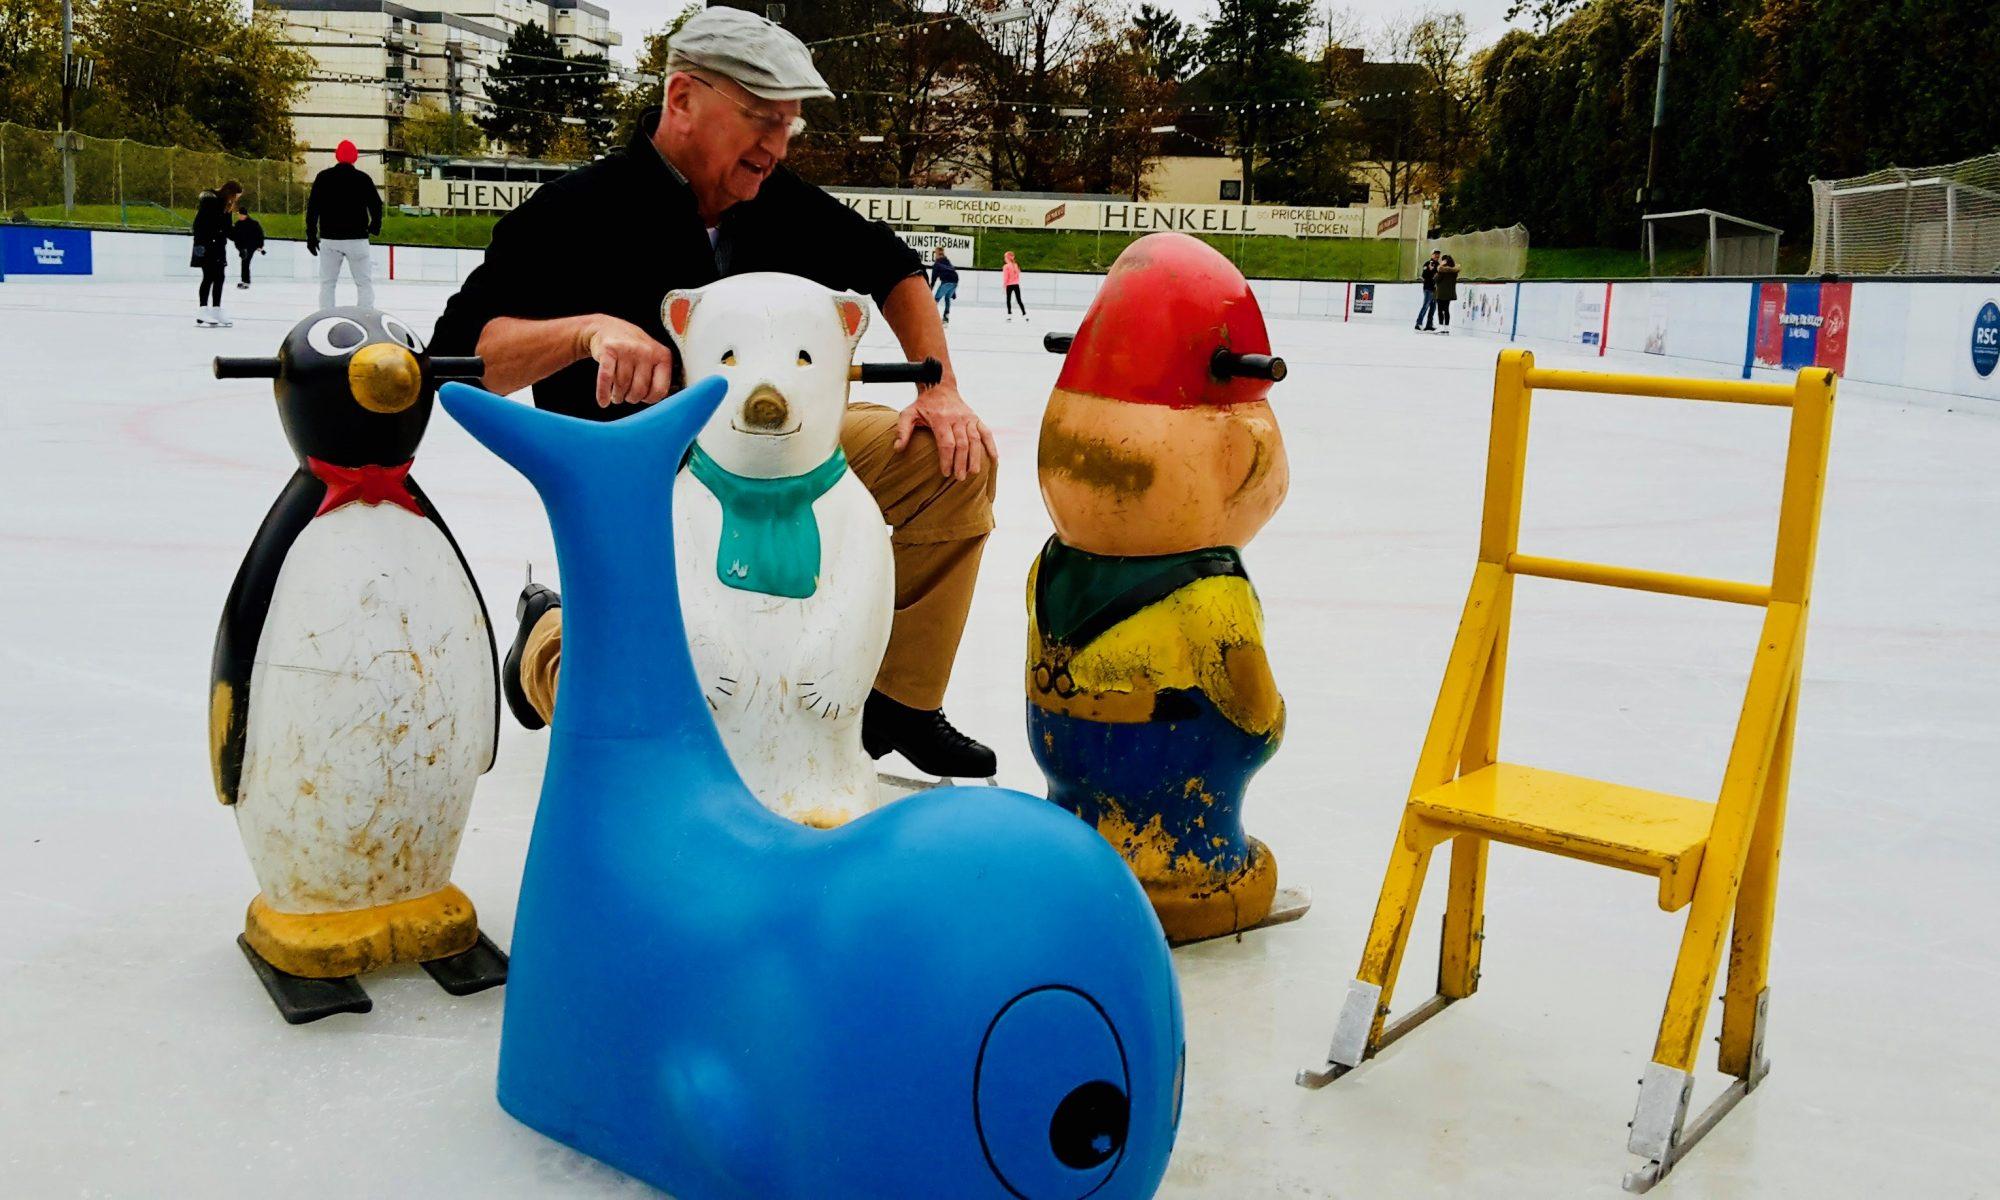 Erste Bilder von den Eislaufhilfen in der Saison 2017/18